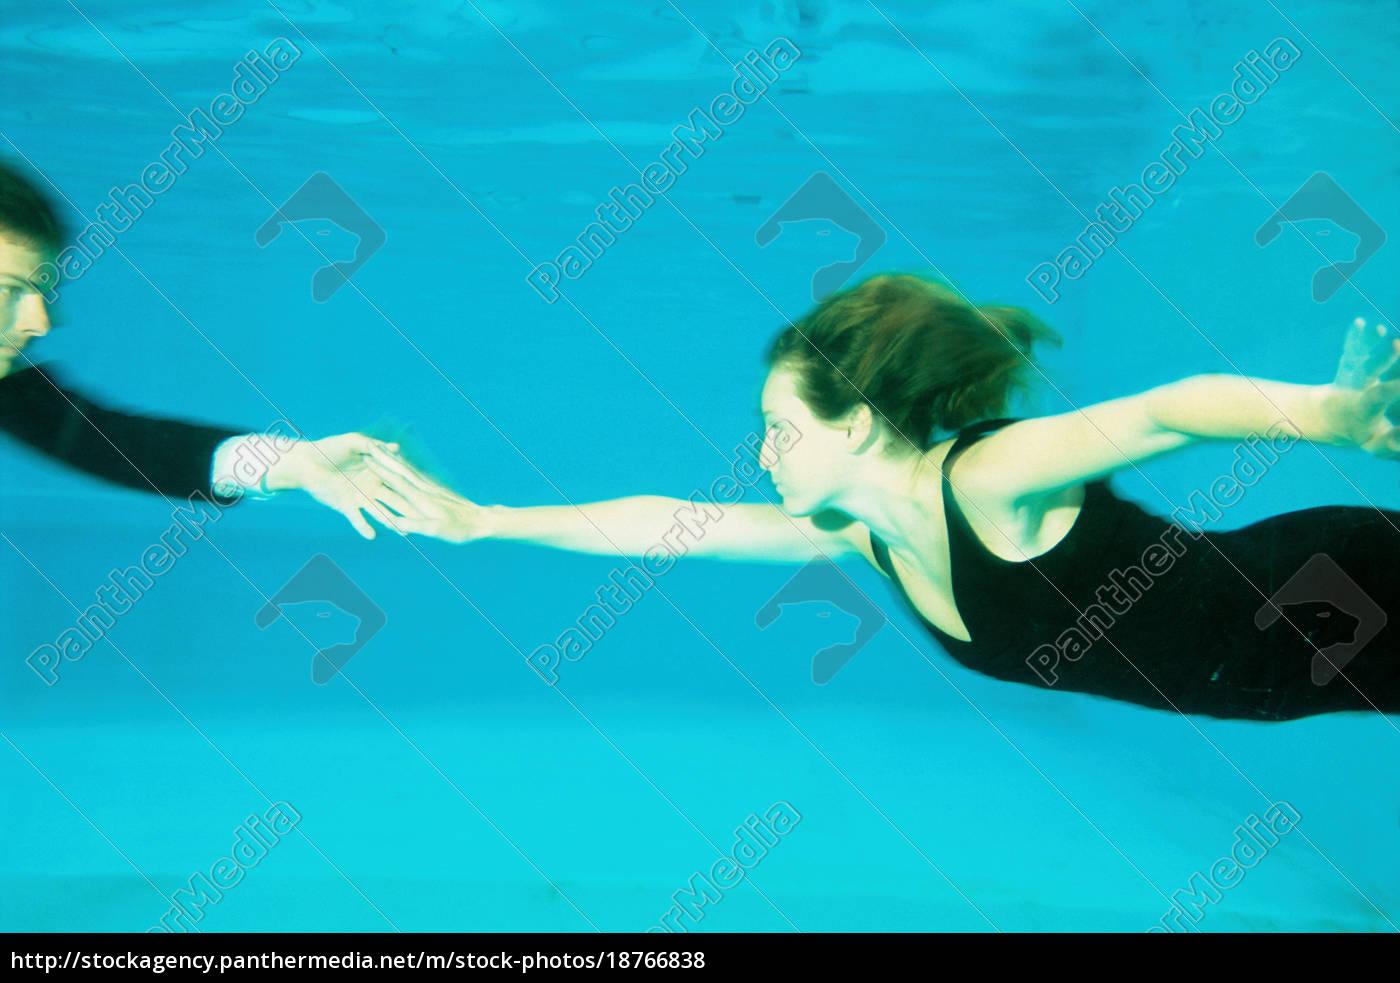 ein, paar, tanzt, in, einem, schwimmbad - 18766838